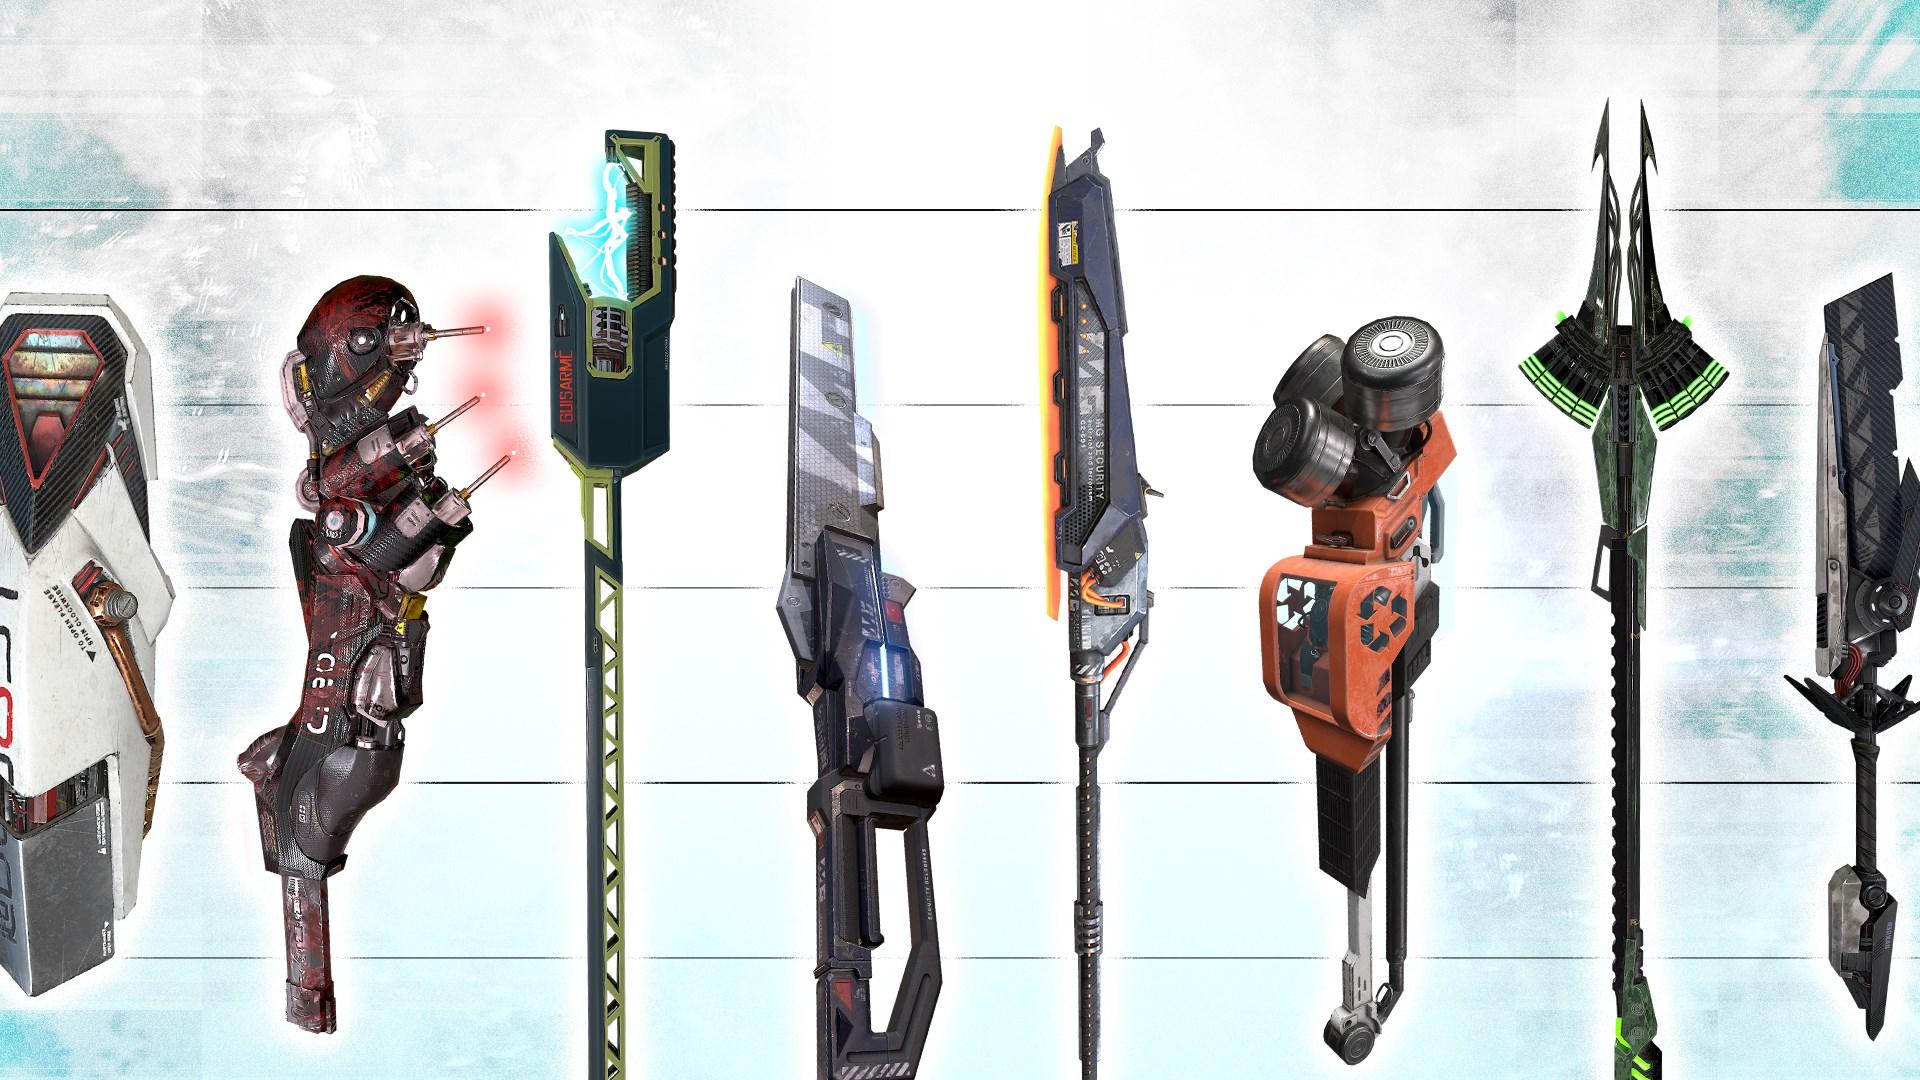 The Surge 2 - Public Enemy Weapon Pack